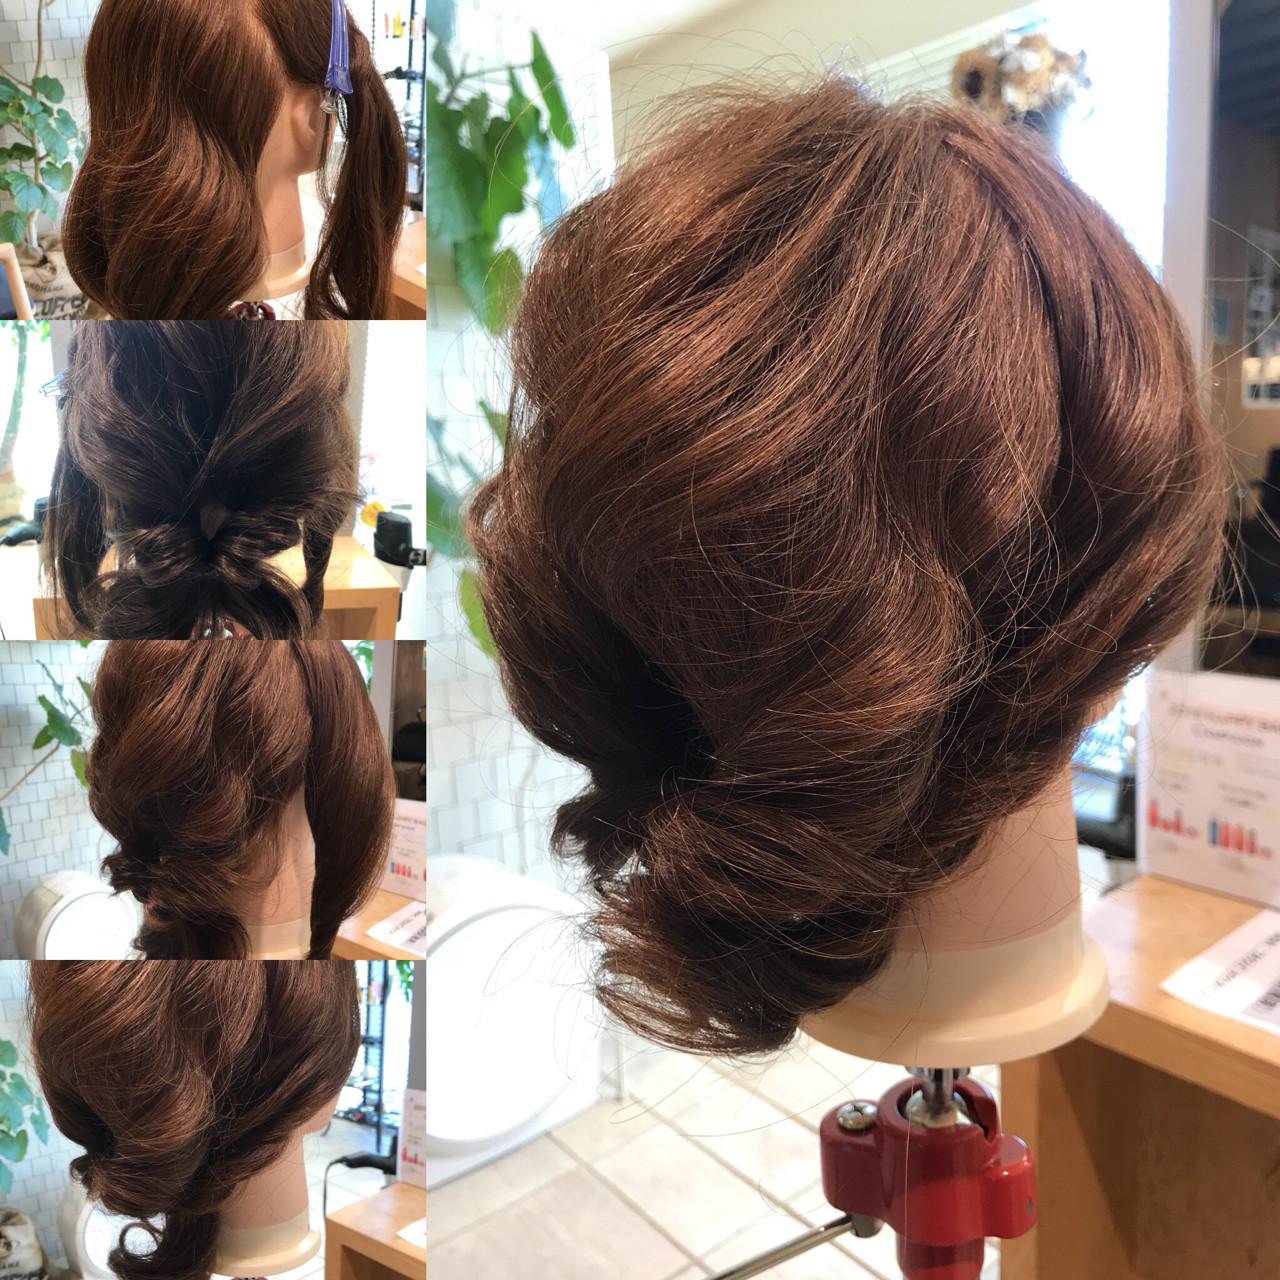 ひねってとめればレディライクな仕上がりに♡ YASU  hair salon M.plus ヨツバコ店 (ヘアーサロン エムプラス)